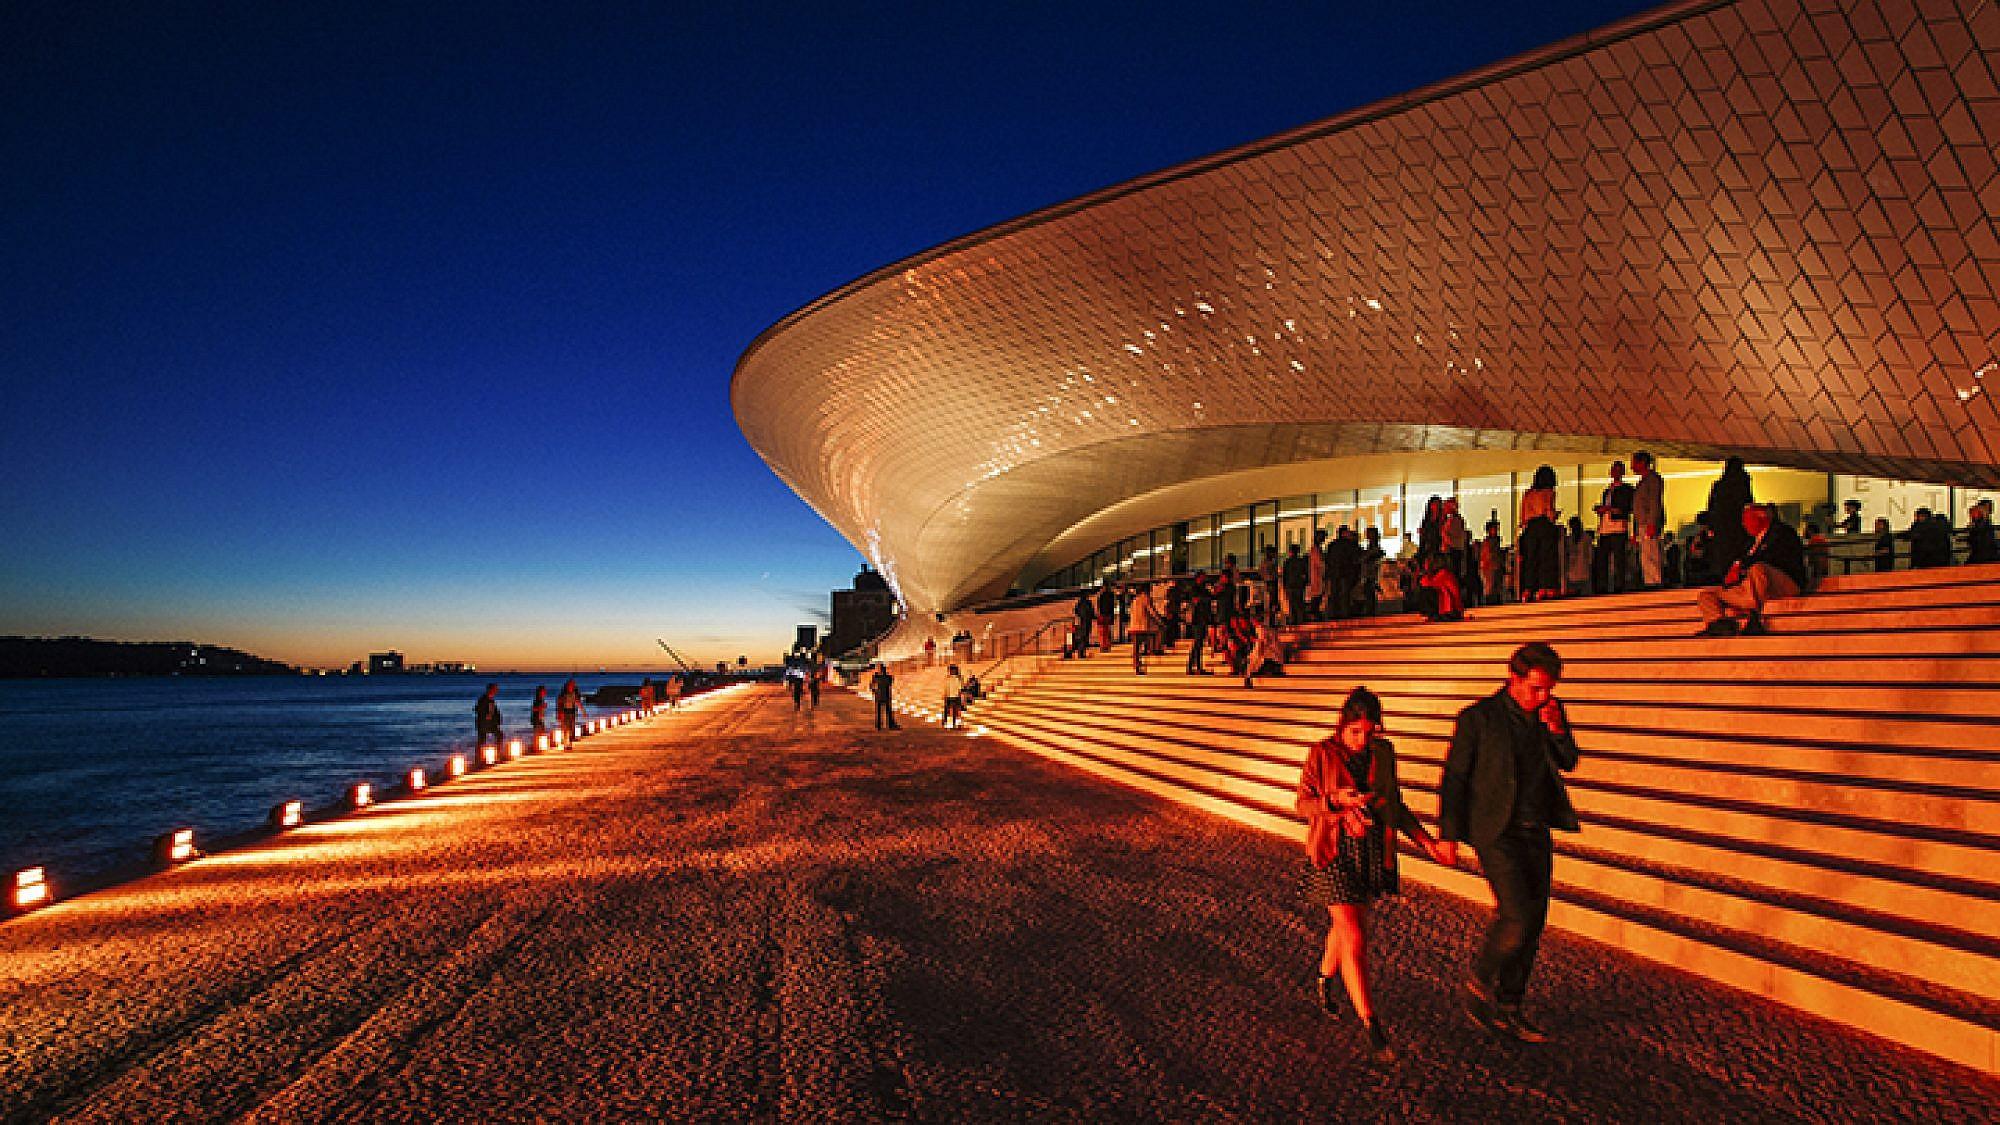 MAAT: המוזיאון לתרבות, אדריכלות וטכנולוגיה בליסבון | צילום: Francisco Nogueira